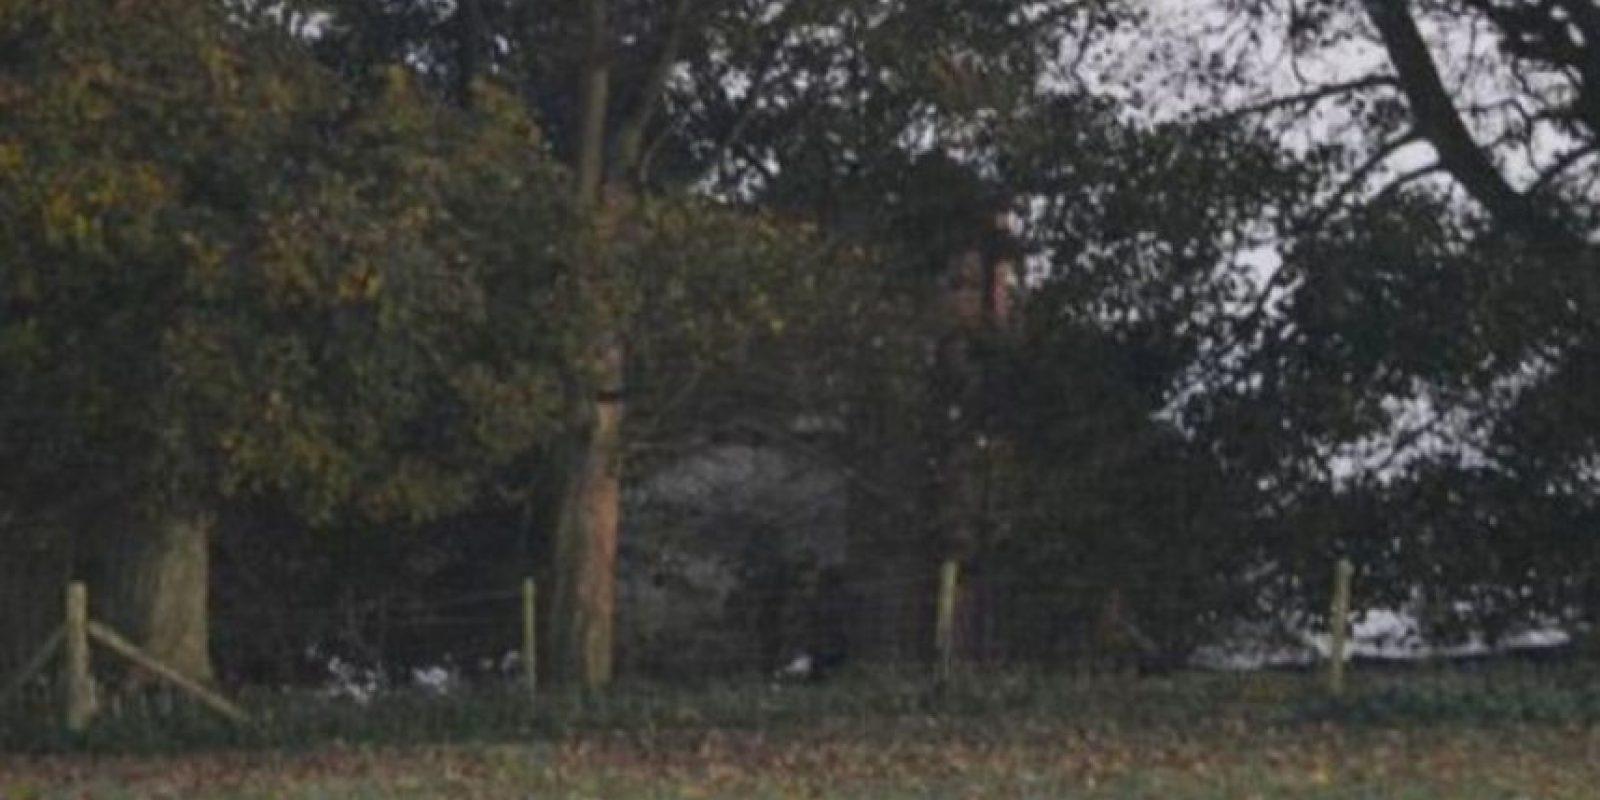 ¿Ya descubrieron lo que hay entre los árboles? Foto:Vía Jimie Brassington/Expressandstar